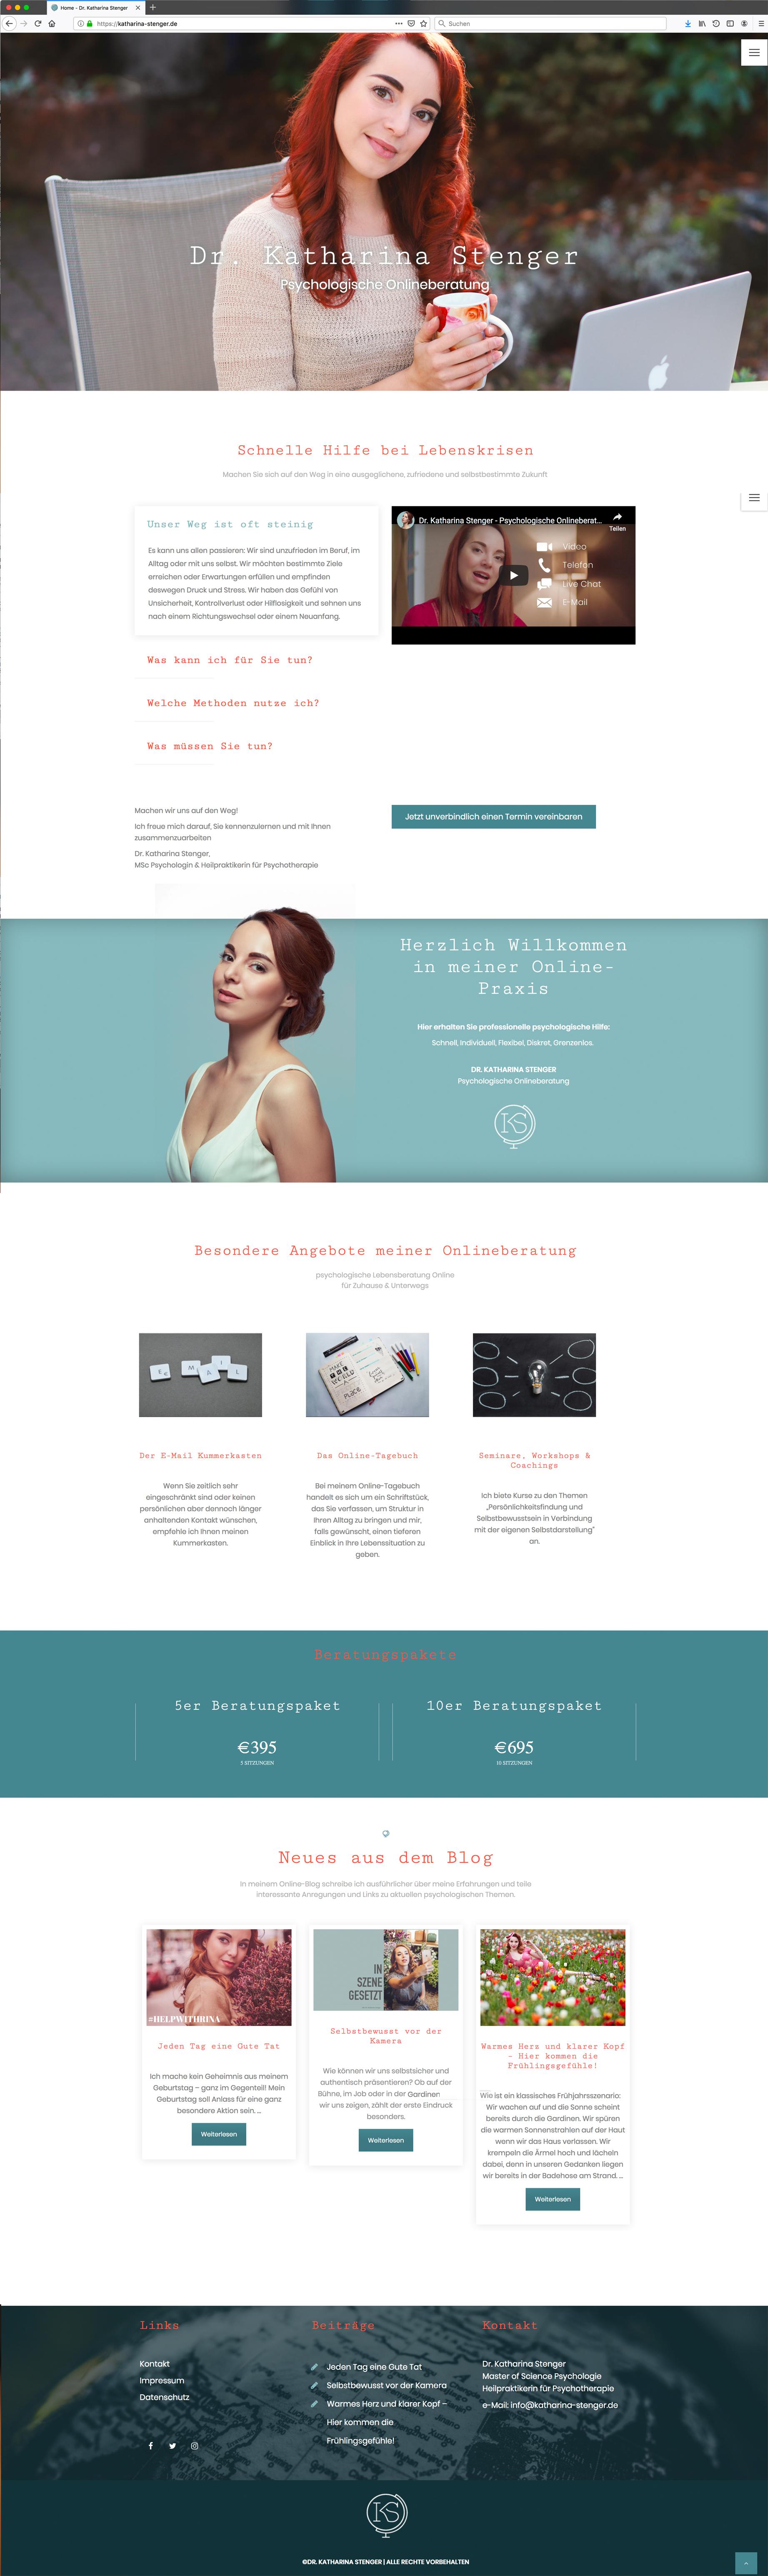 Erstellung der Website www.katharina-stenger.de für Dr. Katharina Stenger, Psychologische Onlineberatung durch Kähler & Kähler